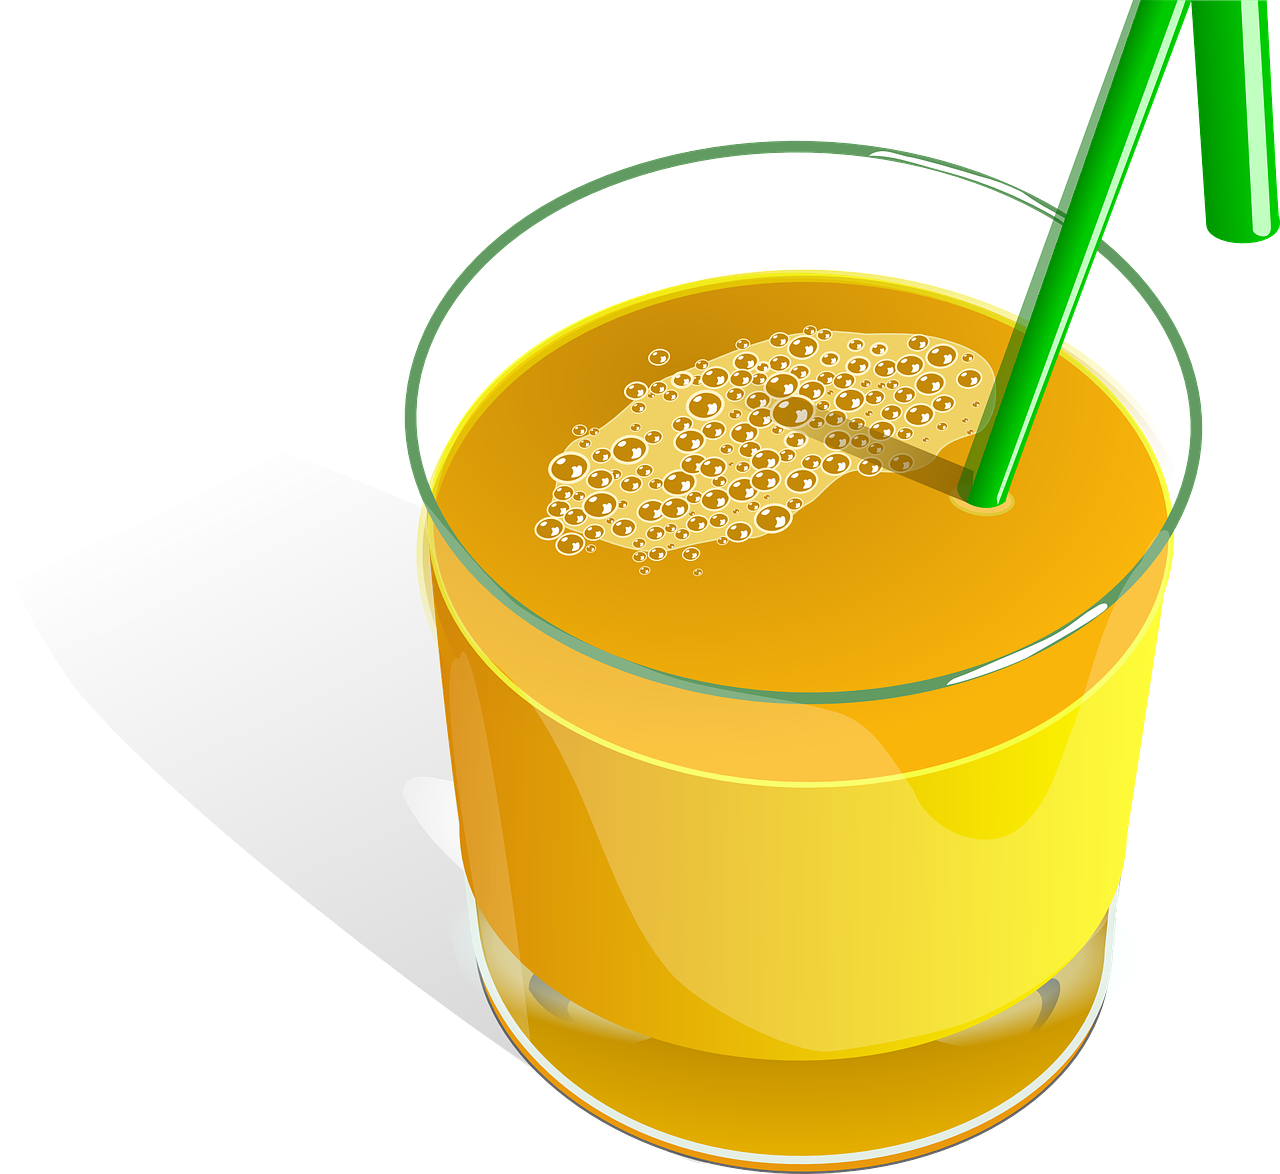 juice, orange, fruits